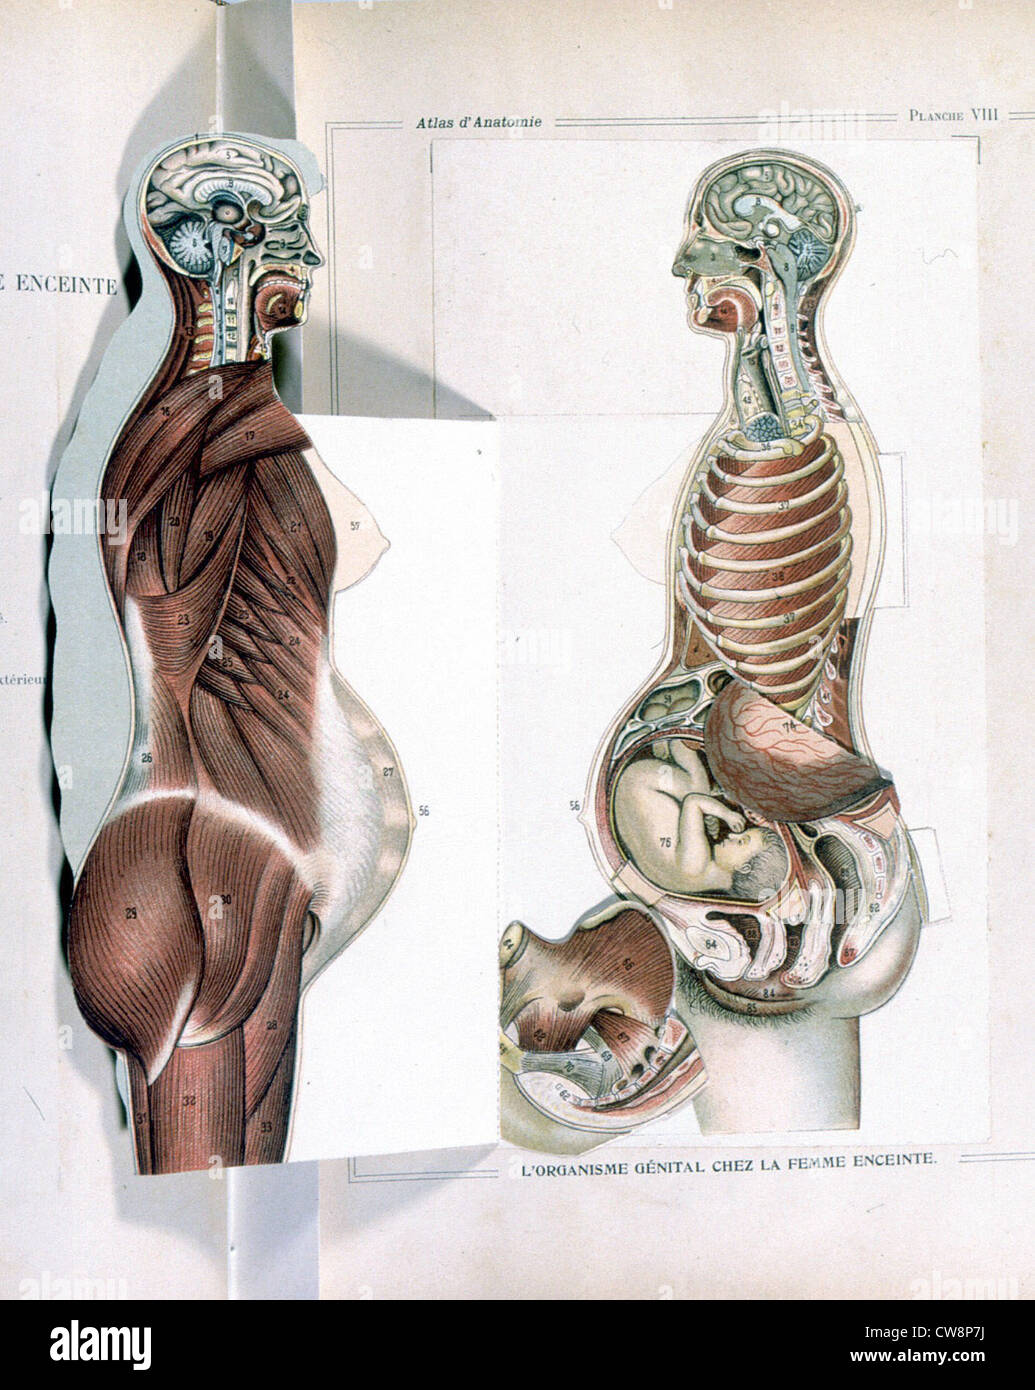 Menschlichen Körper, die Frau, Darstellung aus dem späten 19 ...